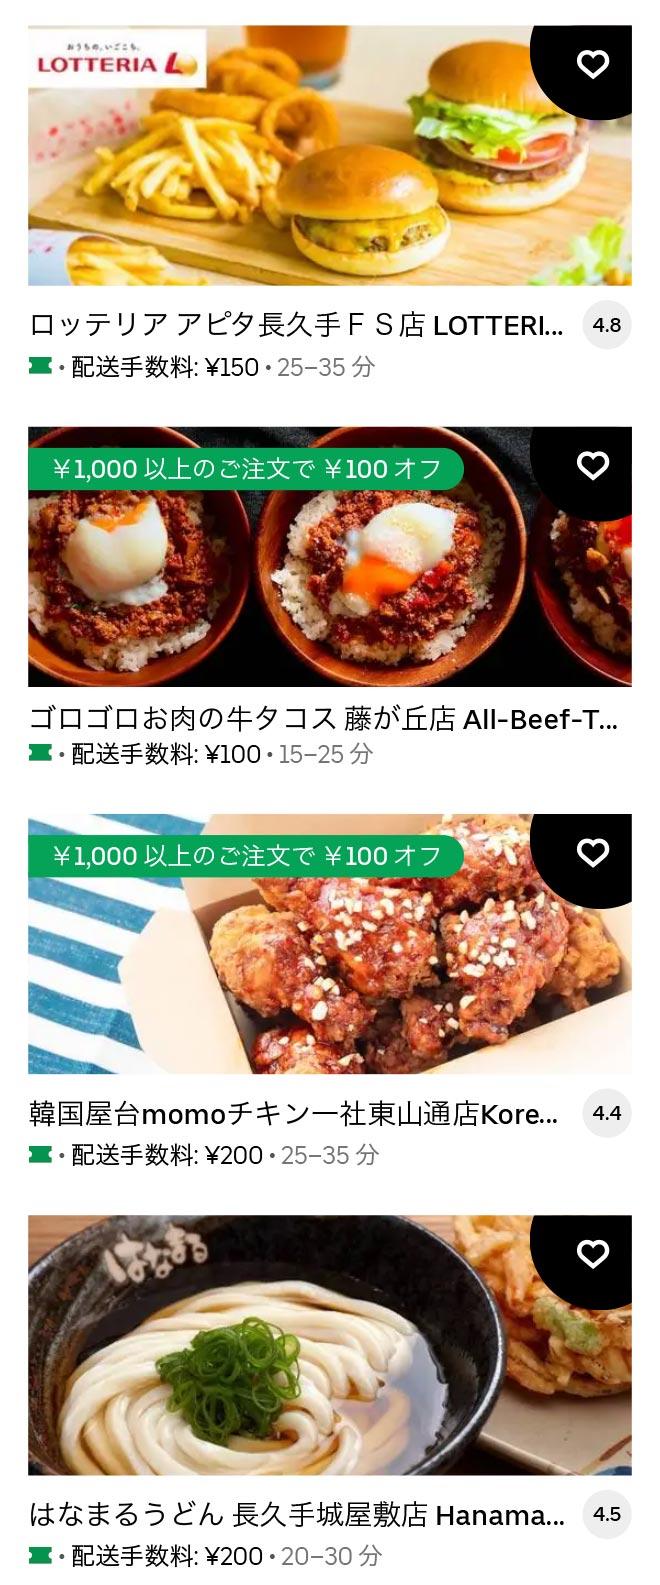 U fujigaoka 2105 05